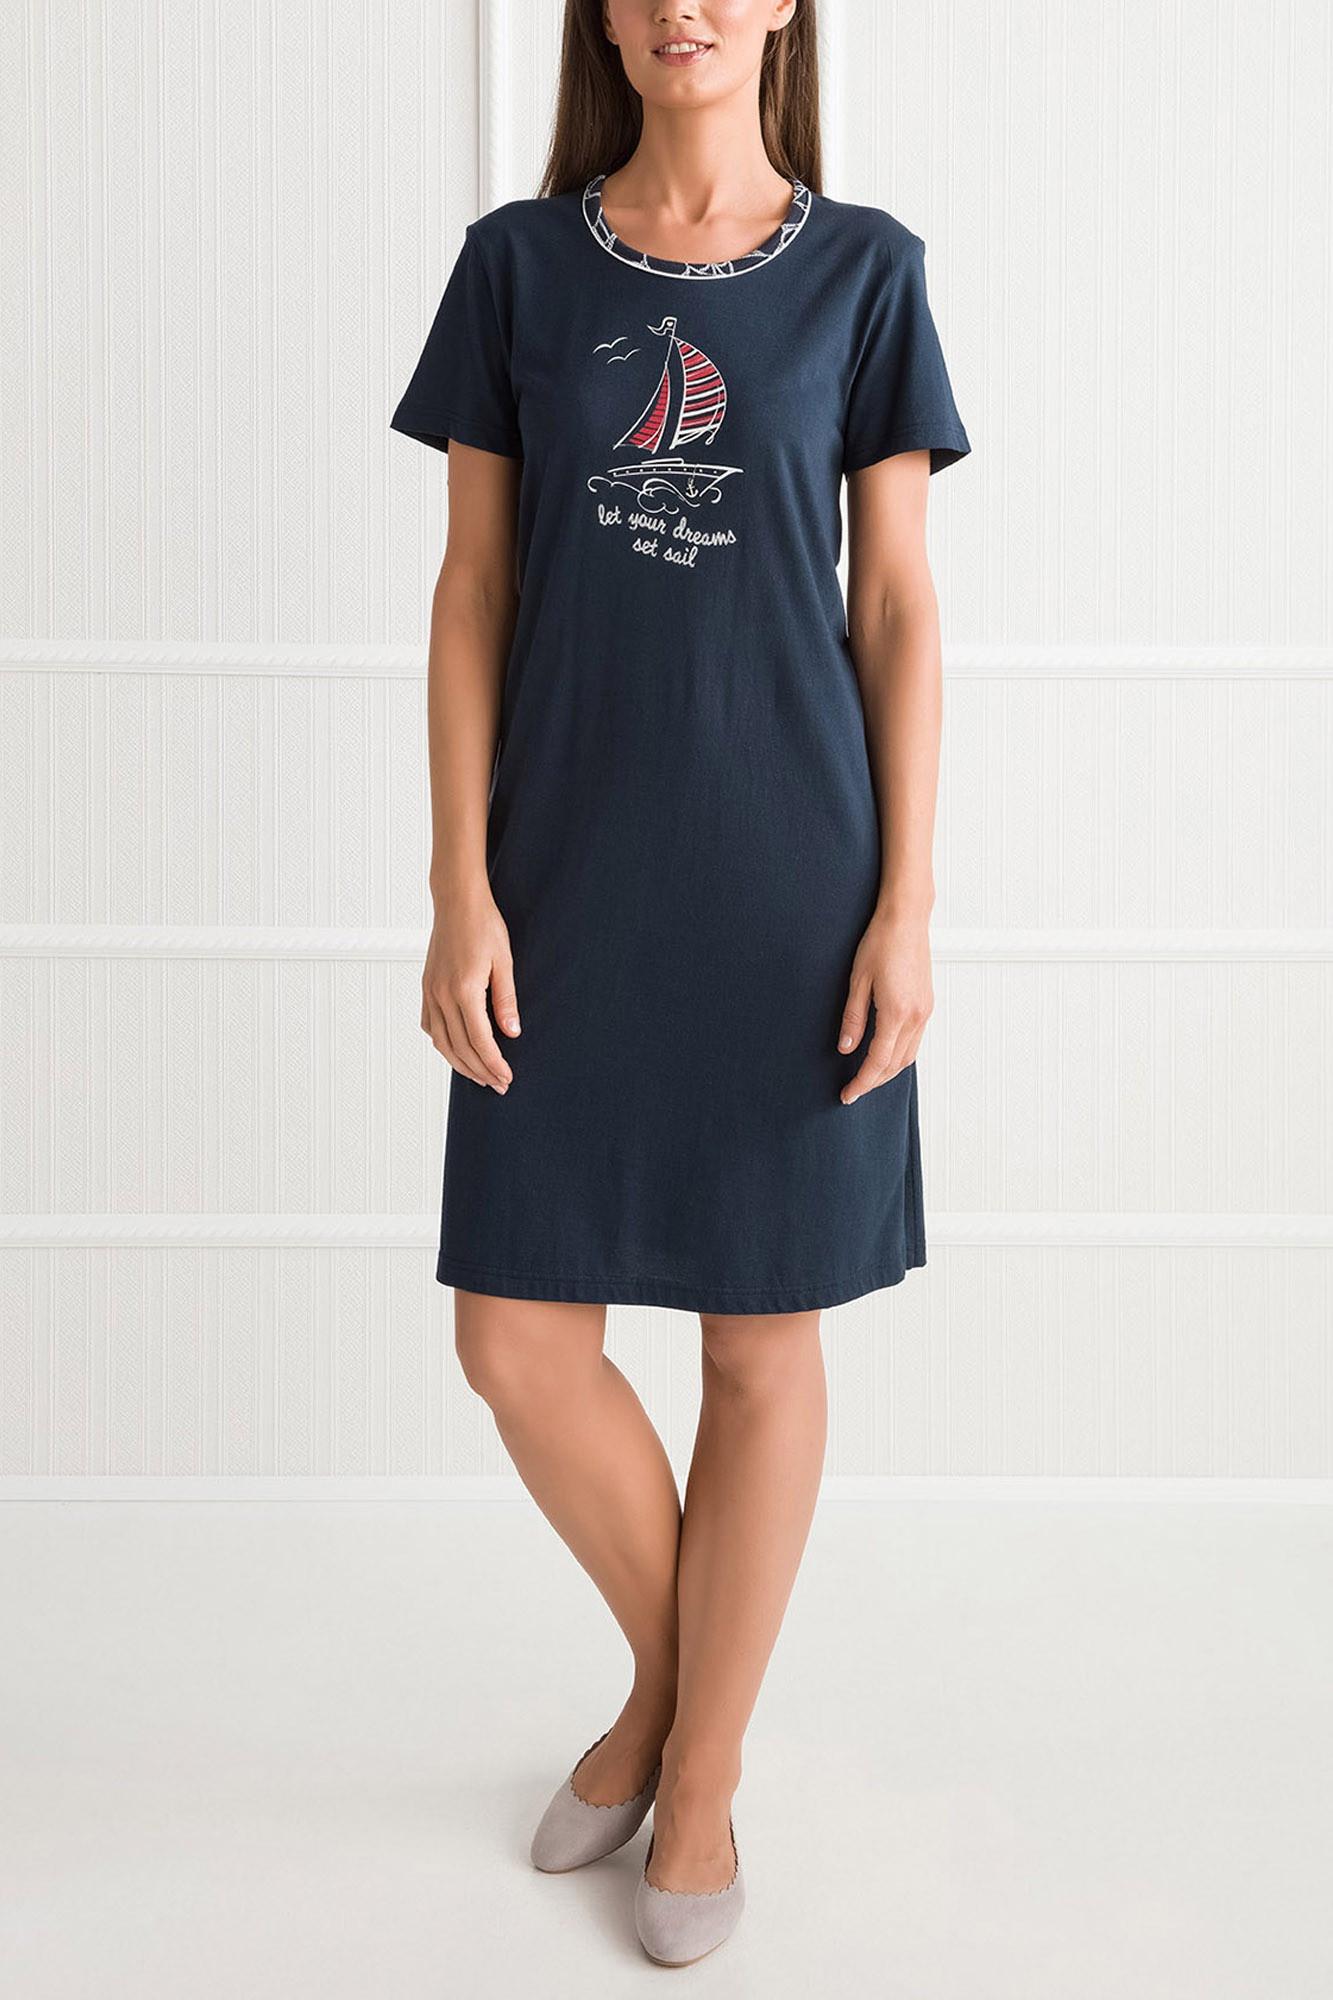 Dámská noční košile 00-10-5500 - Vamp tmavě modrá S